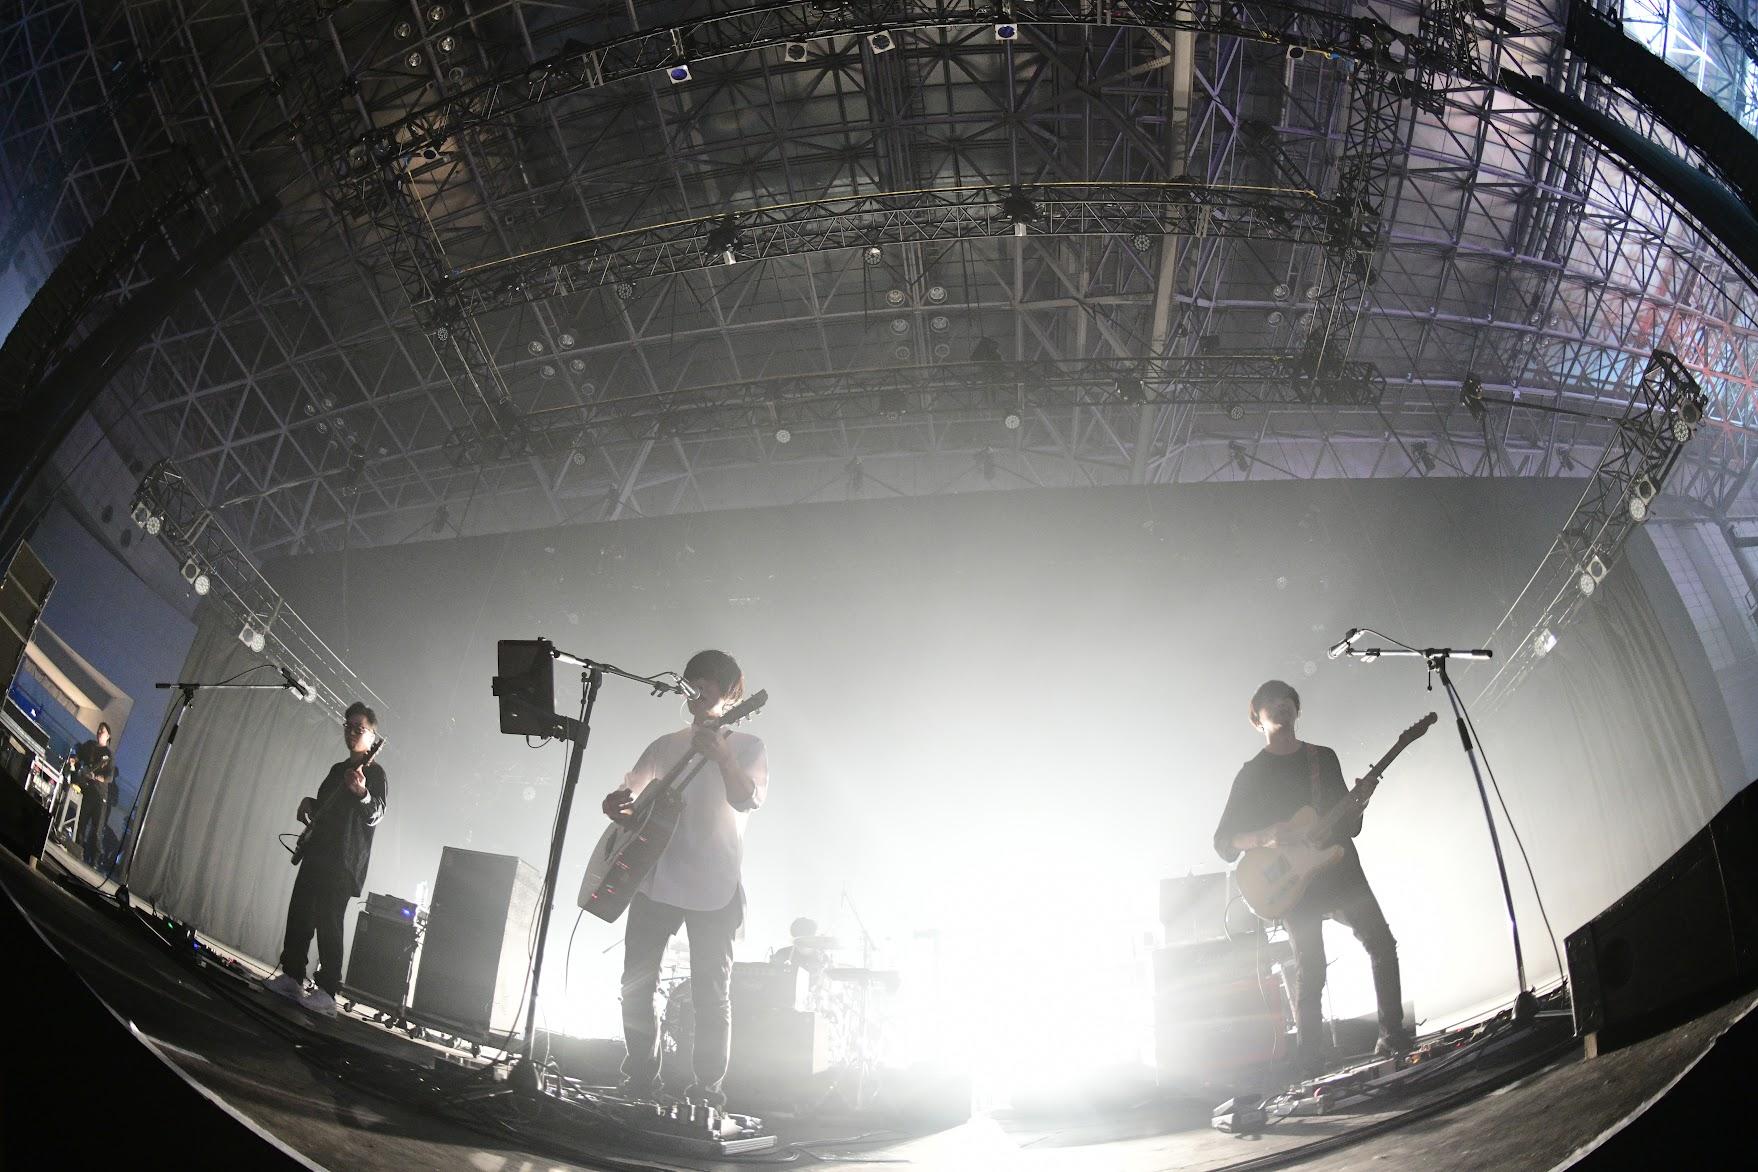 【迷迷現場】COUNTDOWN JAPAN 18/19 androp 溫暖樂音包覆全場 「希望我們的音樂能成為大家的歸屬。」